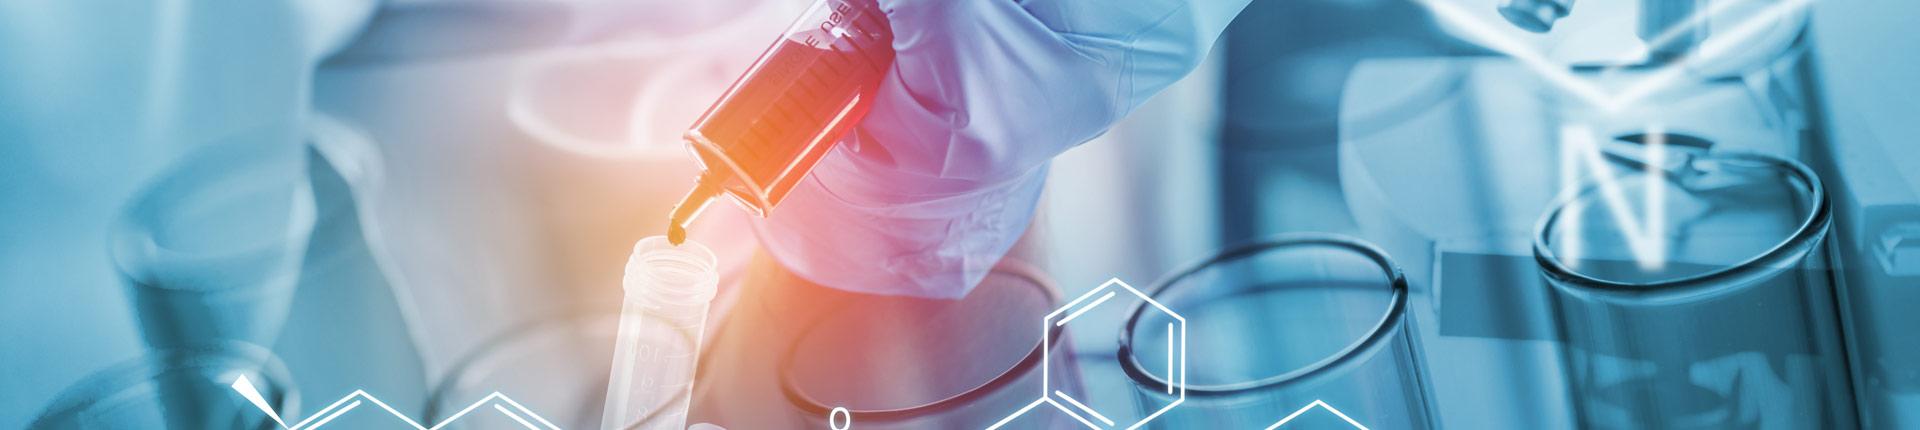 Kapsaicyna utrzymuje tempo przemiany materii podczas diety odchudzającej